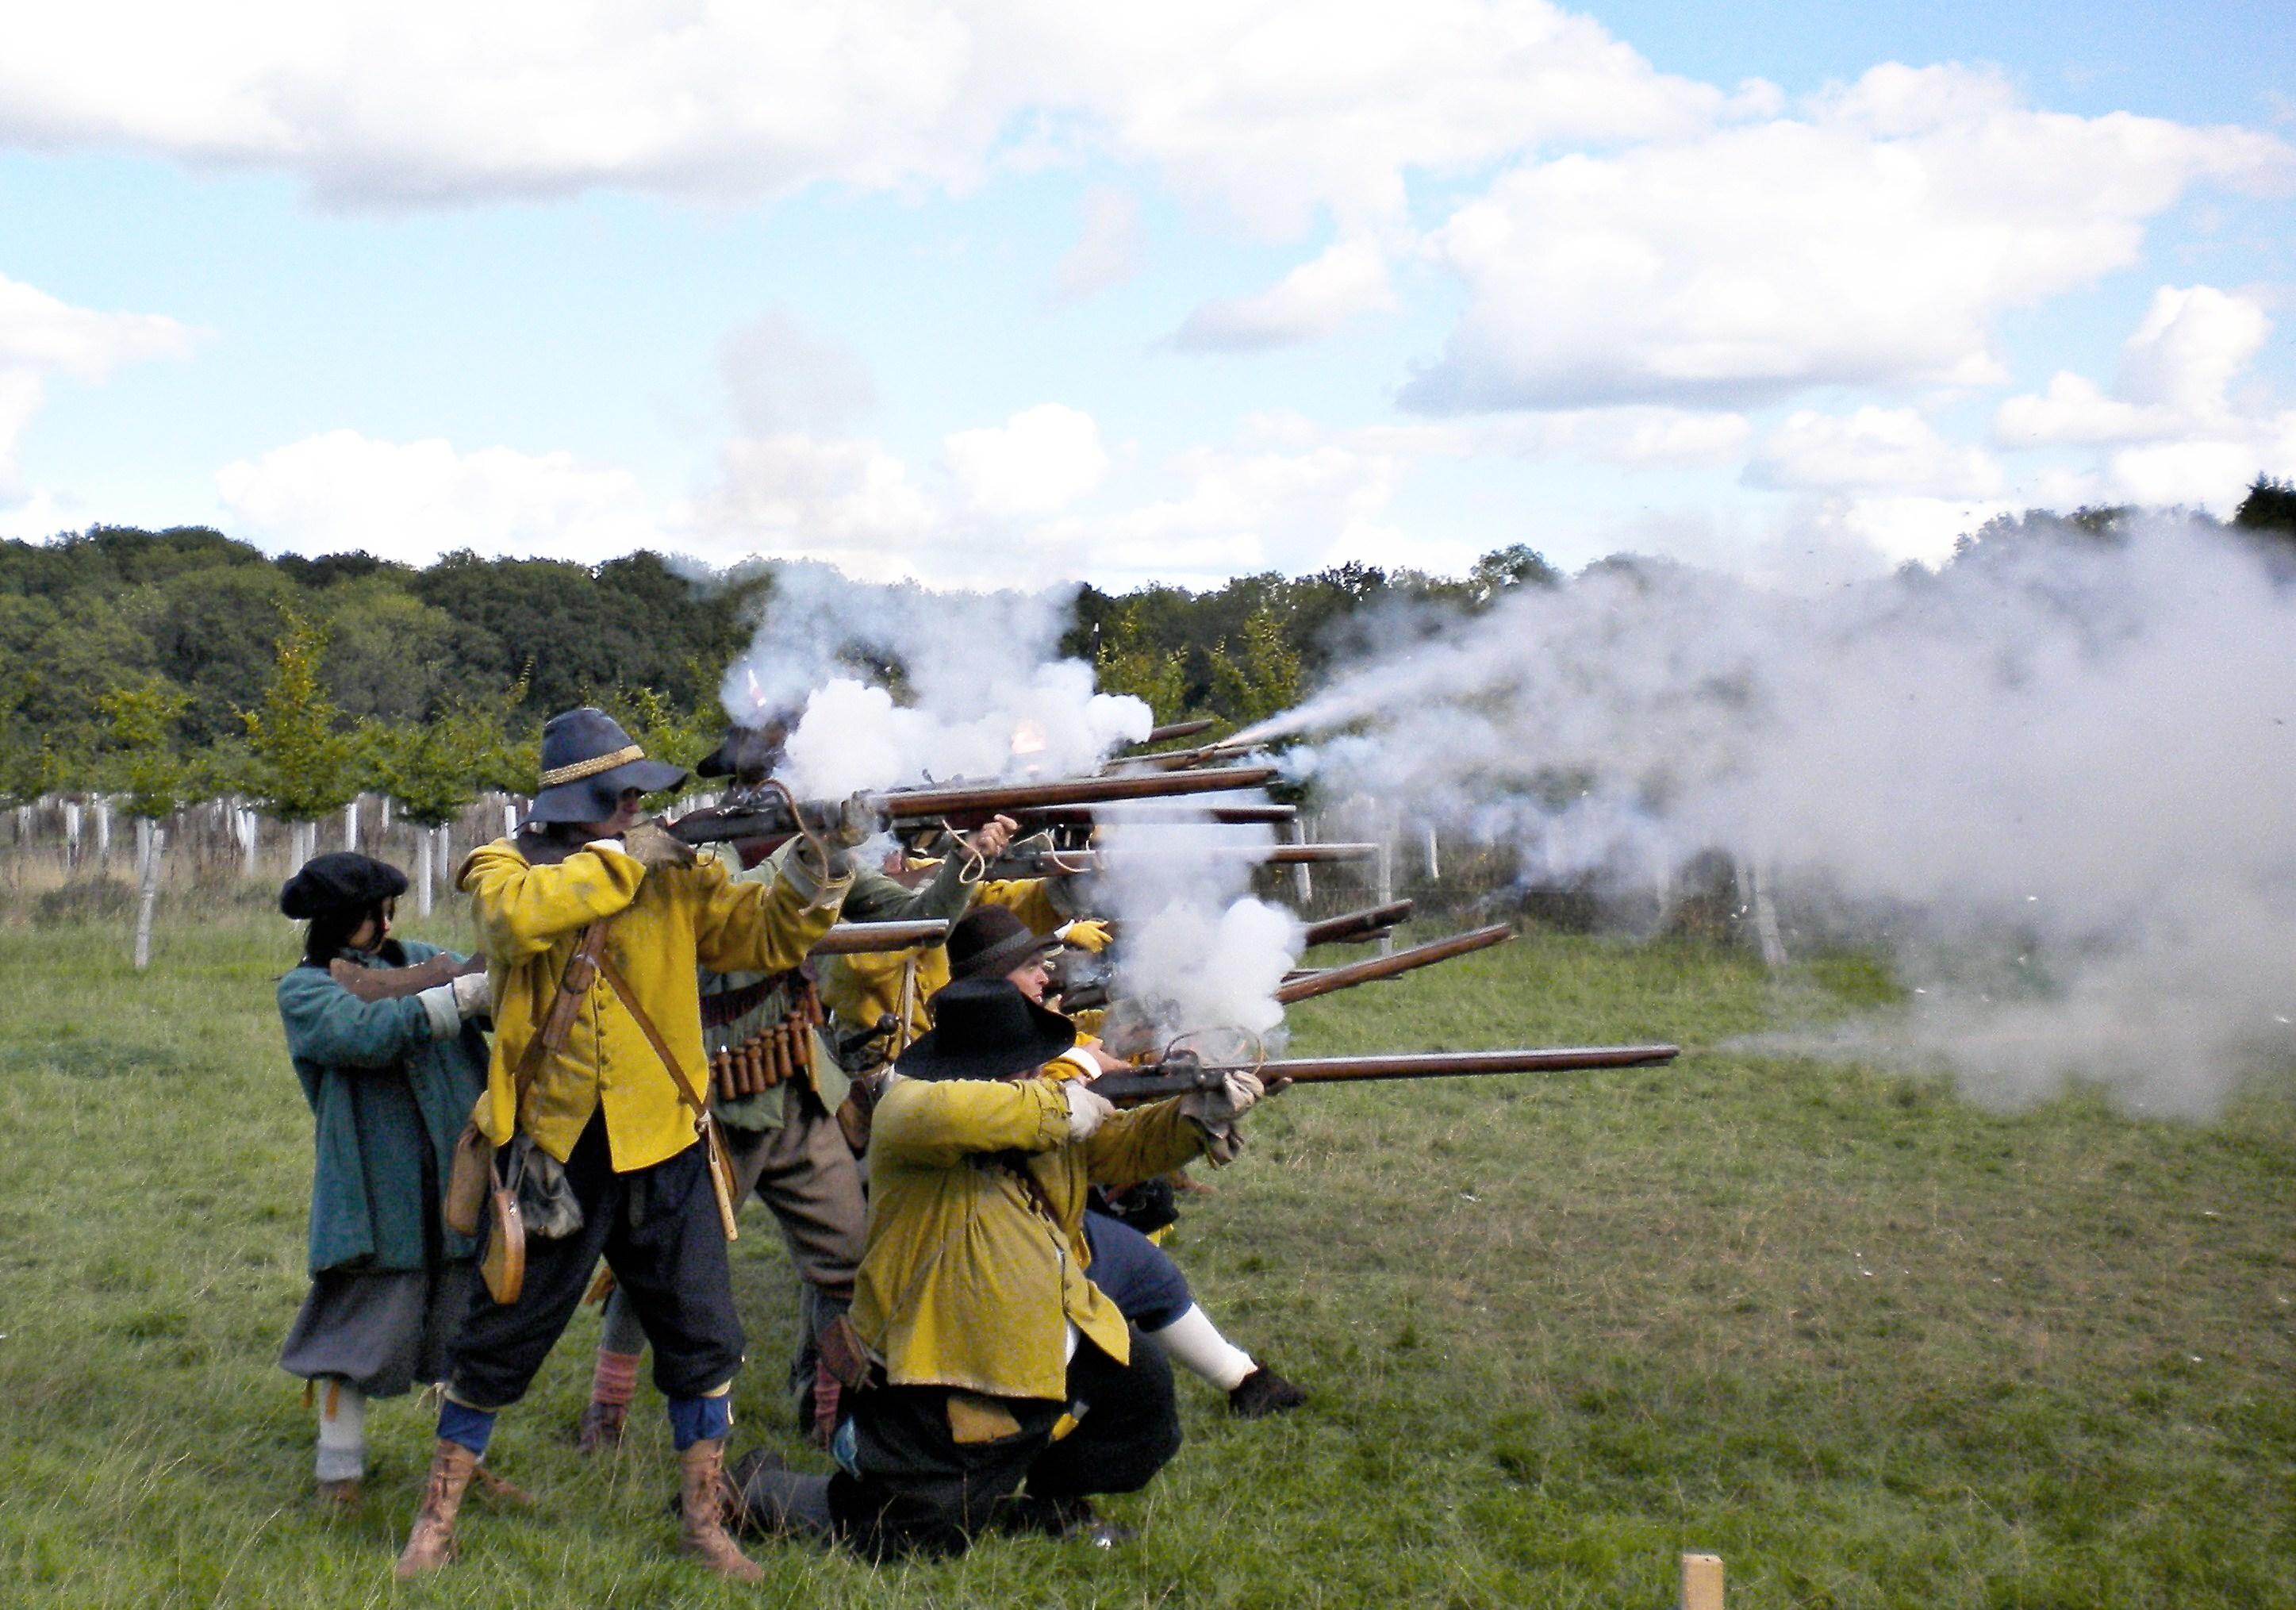 A historical civil war re-enactment.